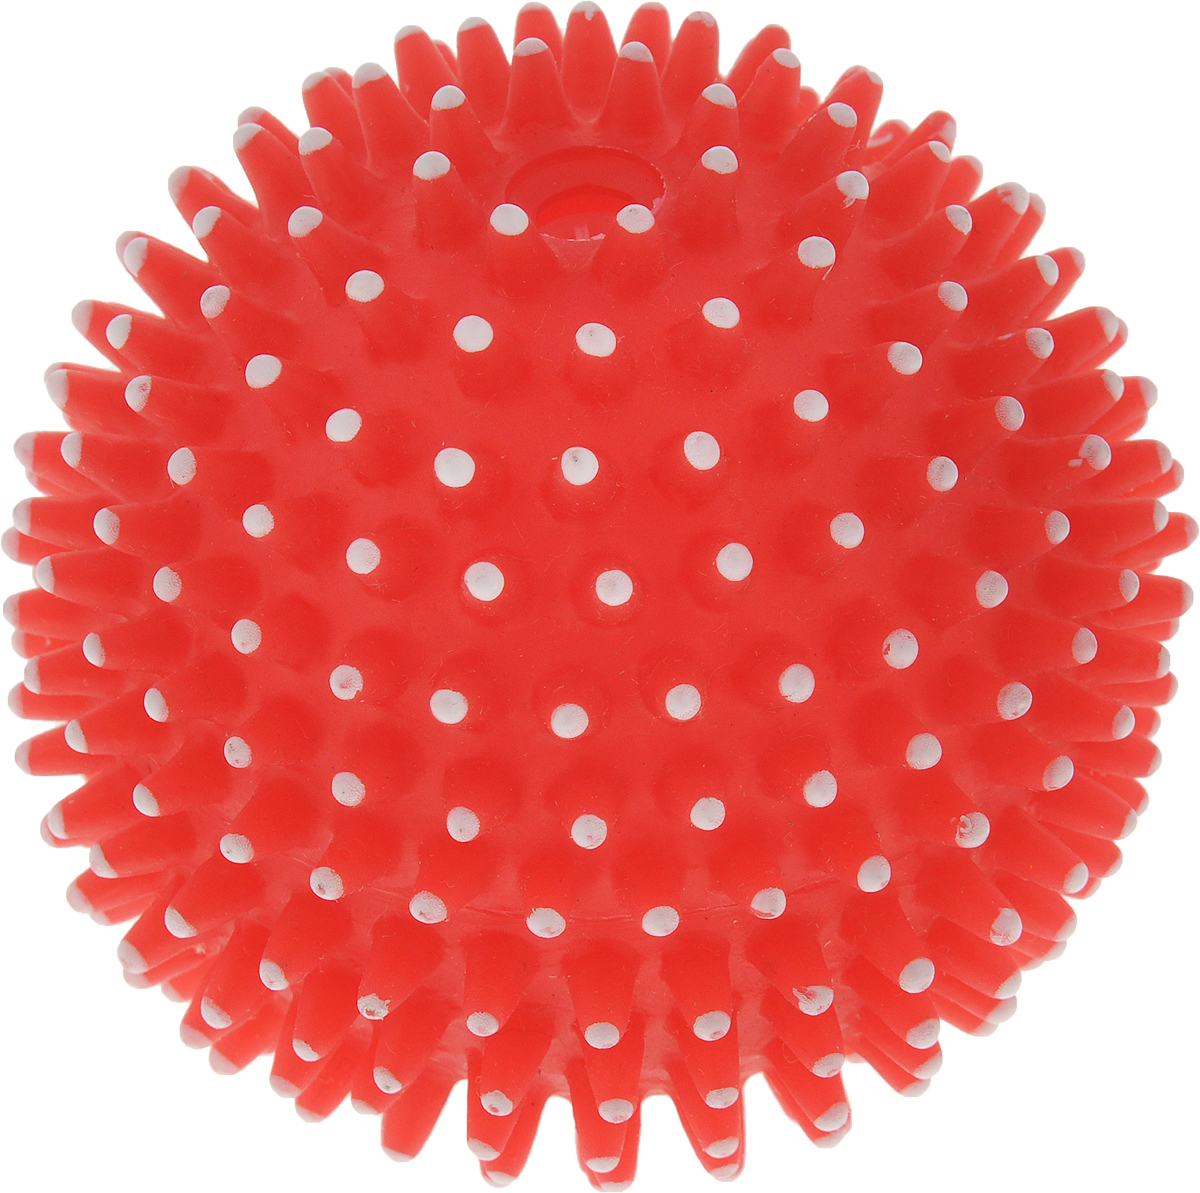 Игрушка для собак GLG Мяч игольчатый, с пищалкой, 7 смev-27Игрушка для собак - это супер прочная, супер безопасная и супер увлекательная игрушка. Мячик при бросании отскакивает по непредсказуемой траектории. Что обеспечивает часы веселья и удовольствия. Запатентованный материал и дополнительные массажные элементы-шипы гарантируют, что ваша собака будет наслаждаться игрой с мячом в течение длительного времени. Очень прочный.Непредсказуемый отскок.Средний размер для собак весом от 6 до 15 кг.Мячик плавает и пищит.